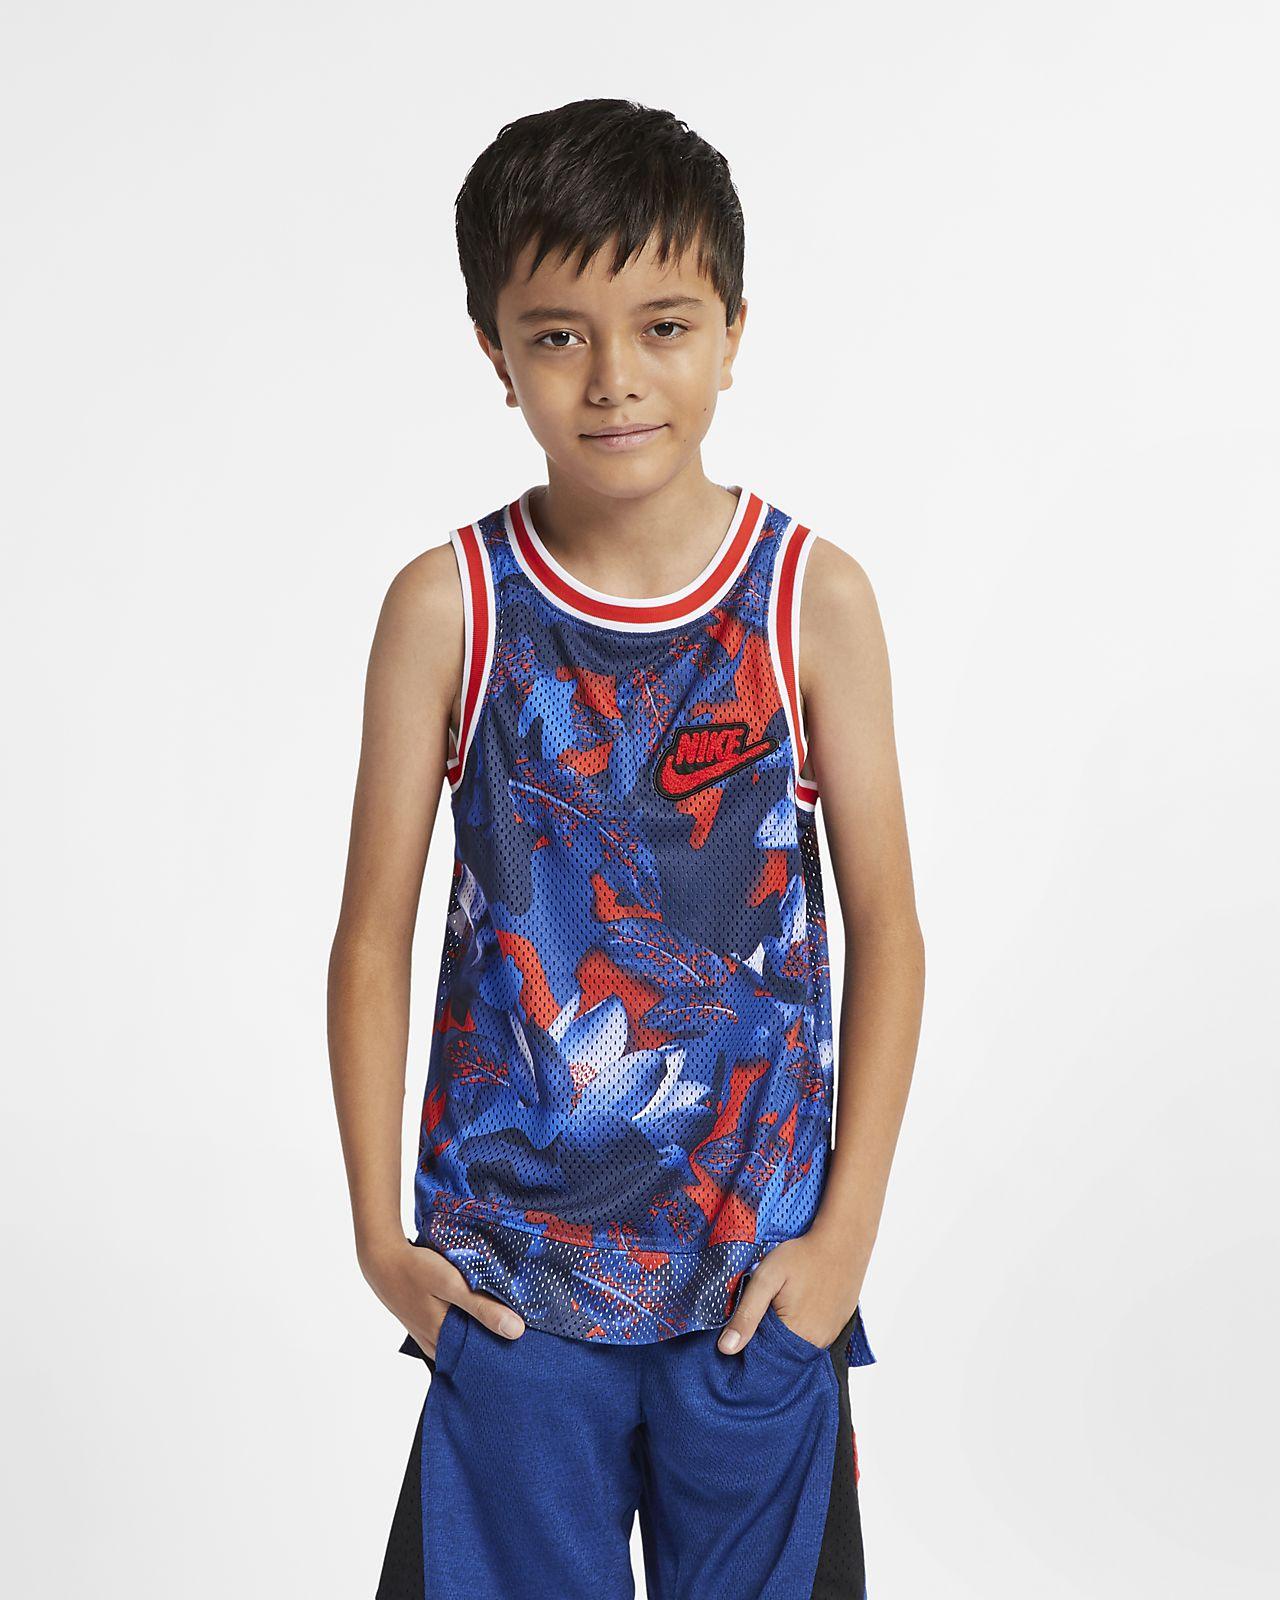 Nike Boys' Sleeveless Printed Basketball Top